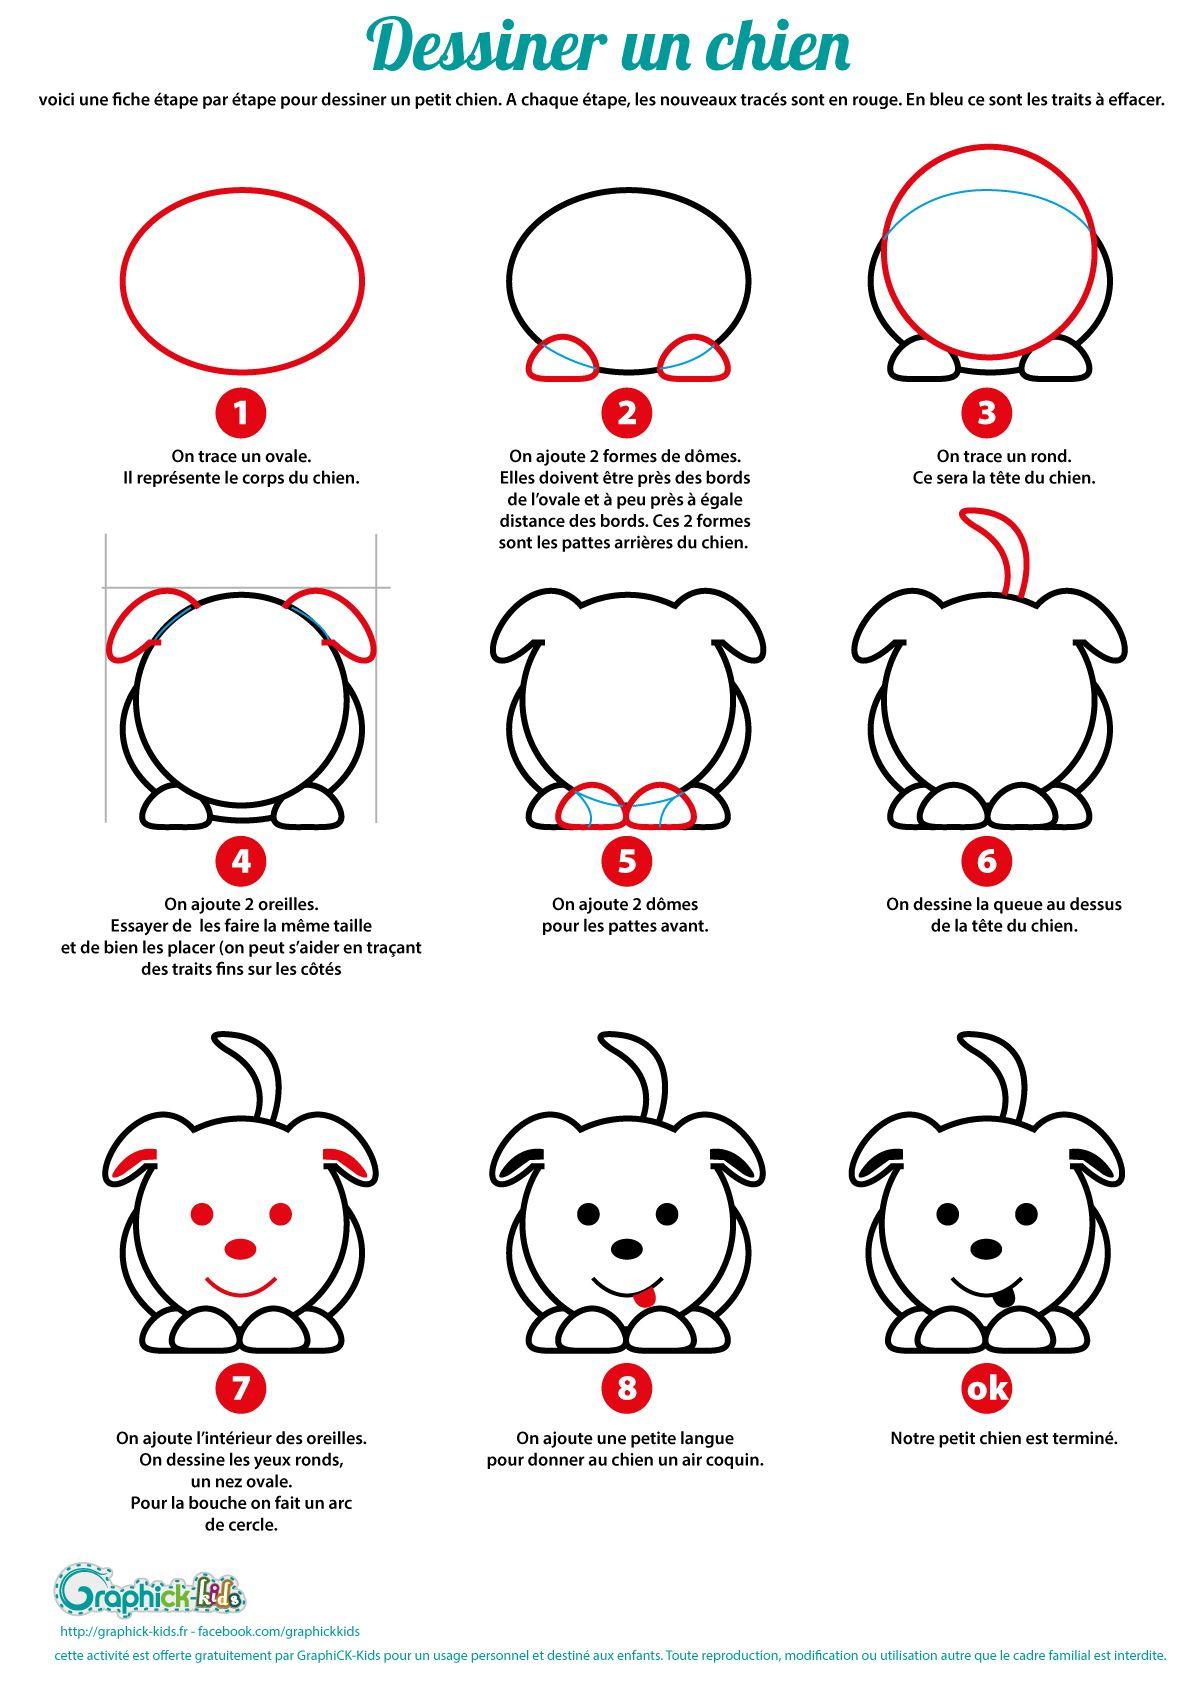 L'activité Du Mercredi : Apprendre À Dessiner Un Chien tout Apprendre A Dessiner Des Animaux Facilement Et Gratuitement